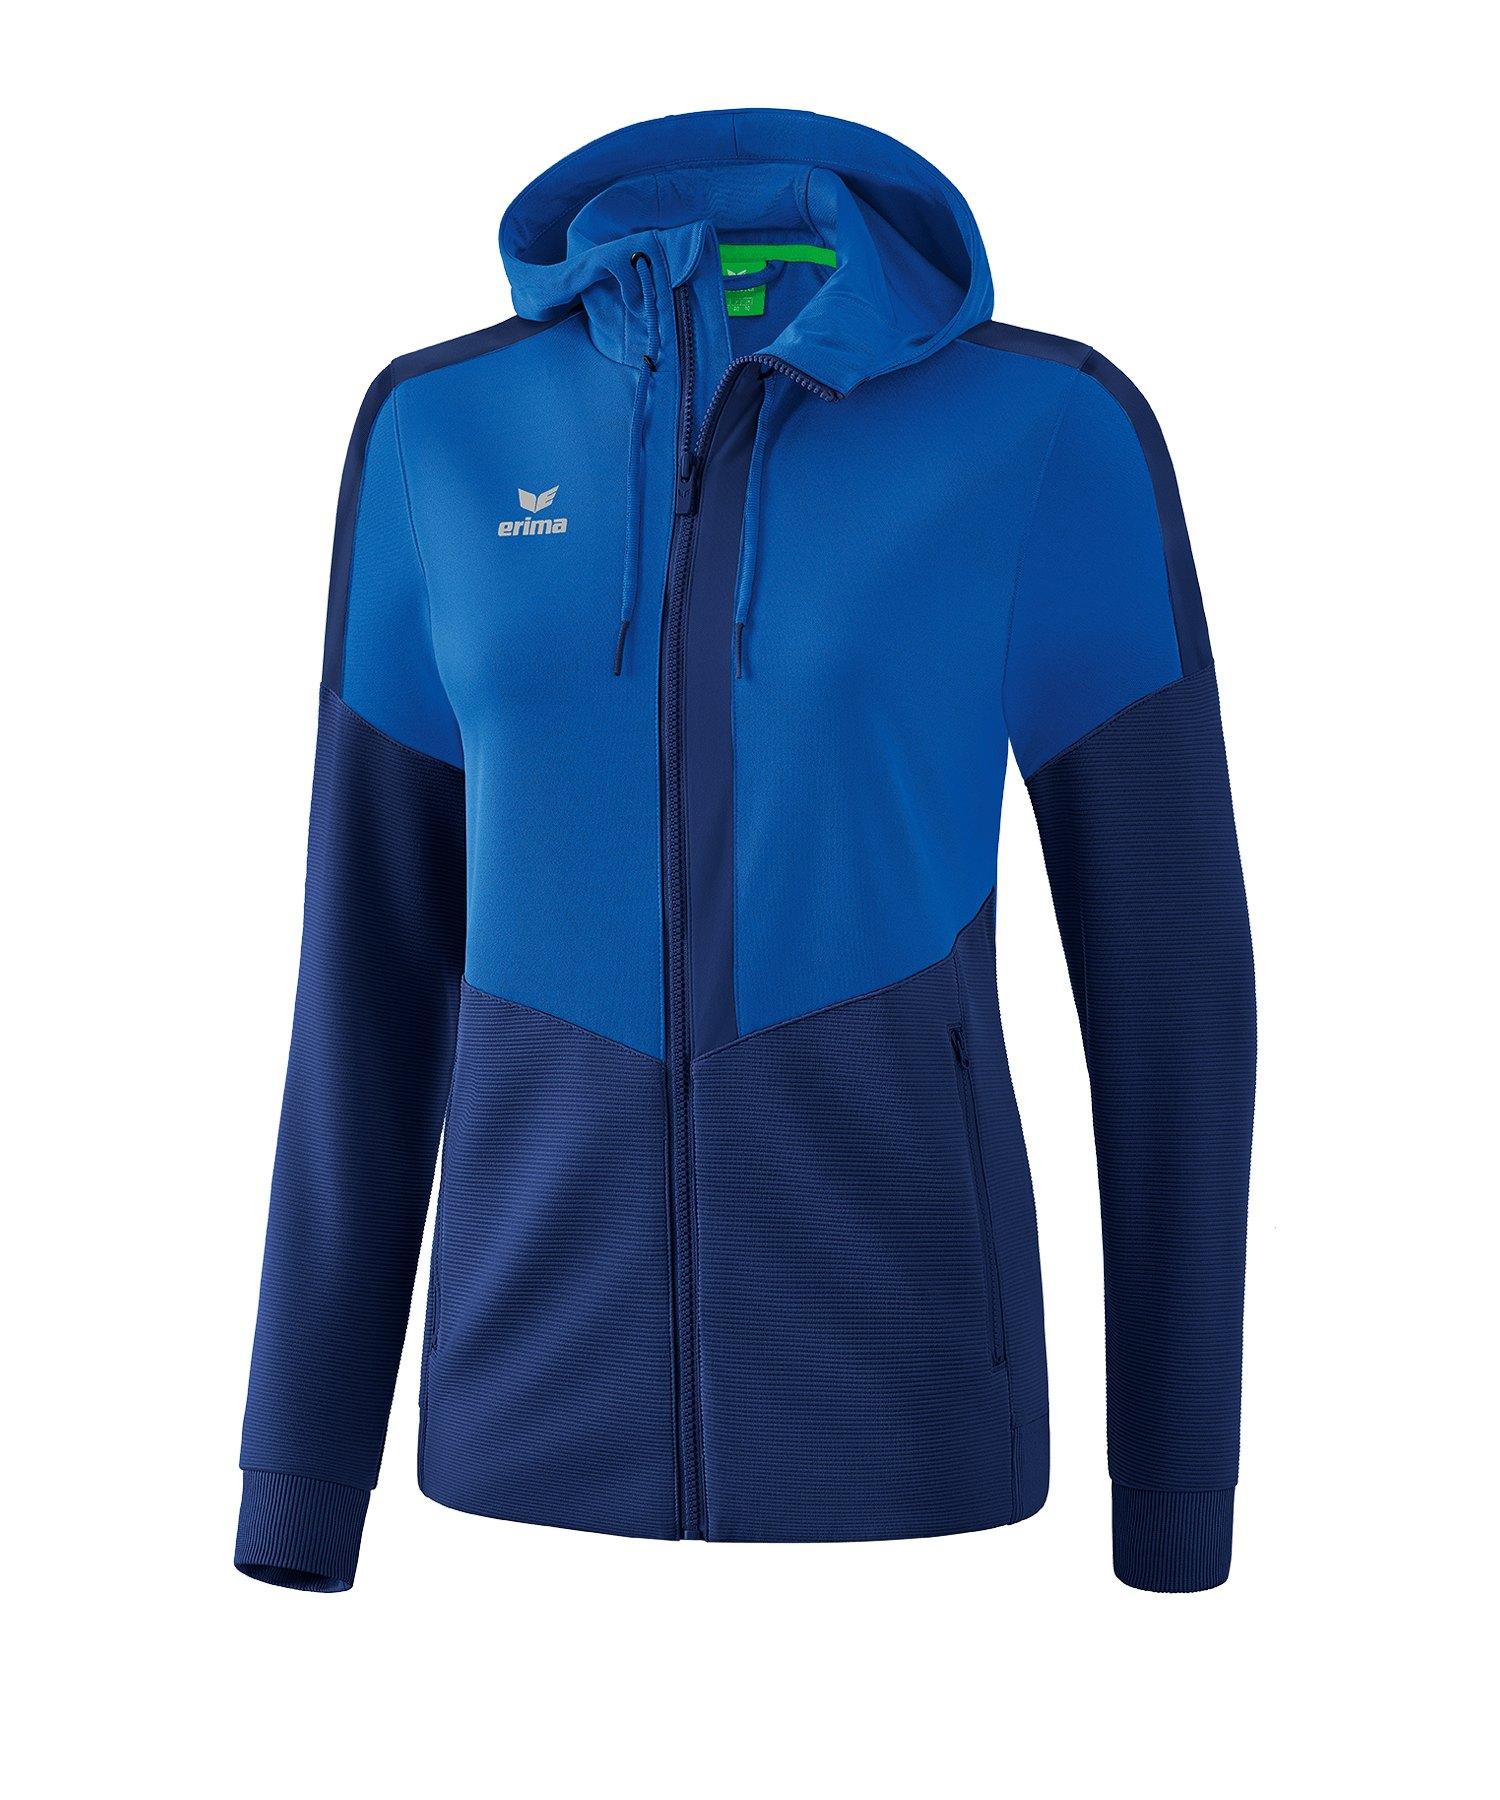 Erima Squad Kapuzen-Trainingsjacke Damen Blau - blau